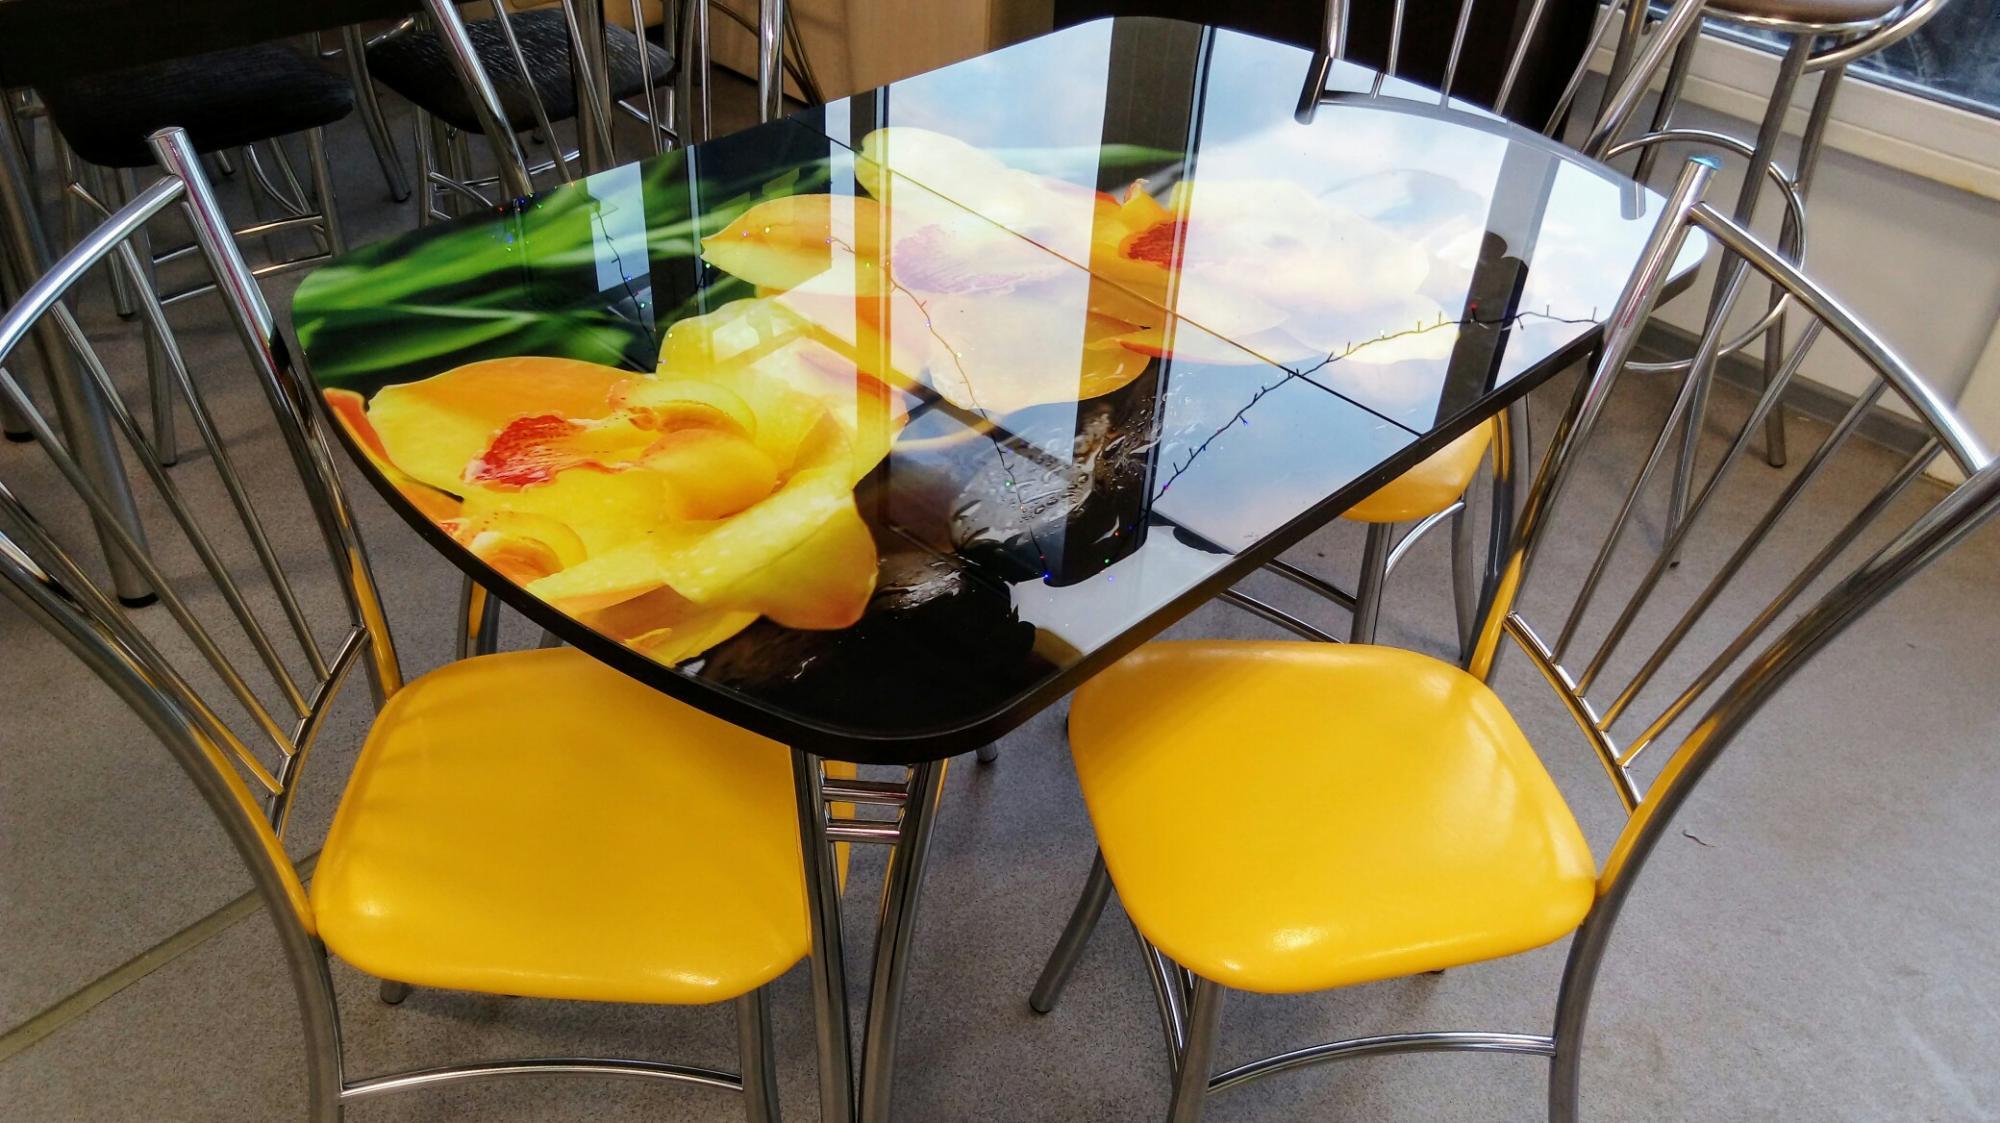 витекс священный столы и стулья с фотопечатью датчиком